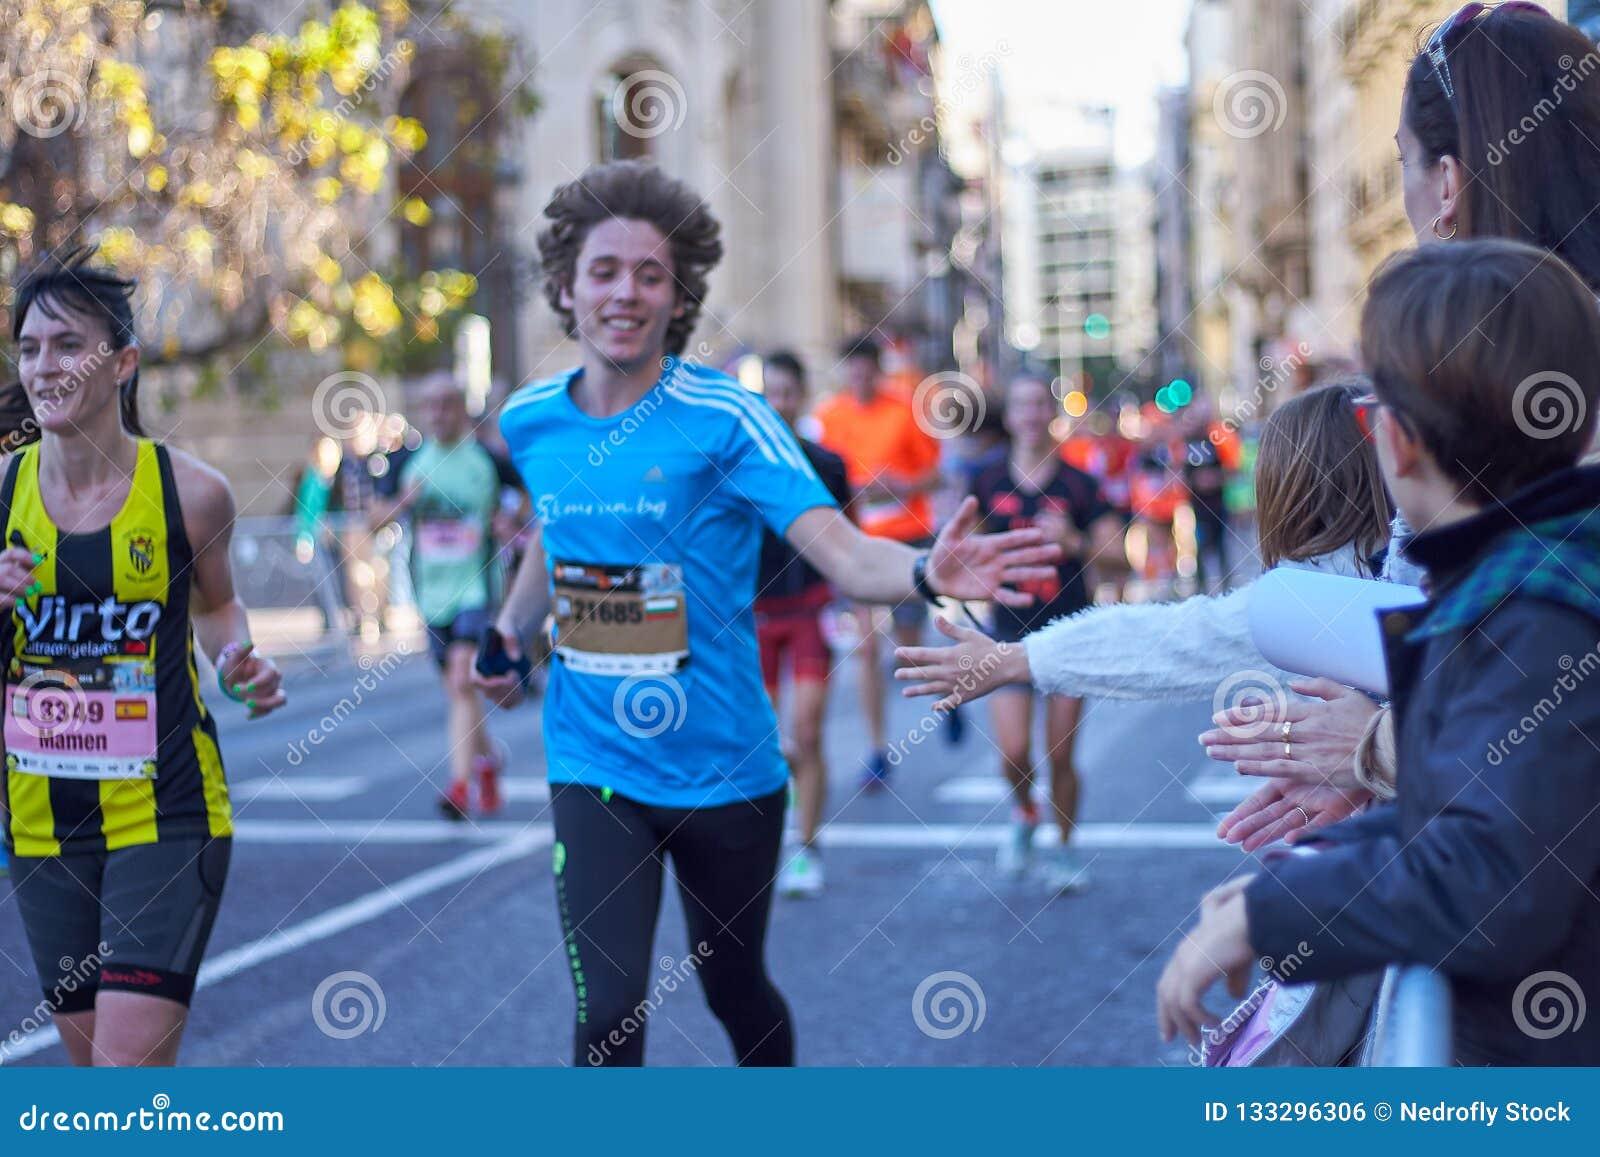 VALÊNCIA, ESPANHA - 2 DE DEZEMBRO: Os corredores agitam as mãos com os participantes no XXXVIII Valencia Marathon o 18 de dezembr